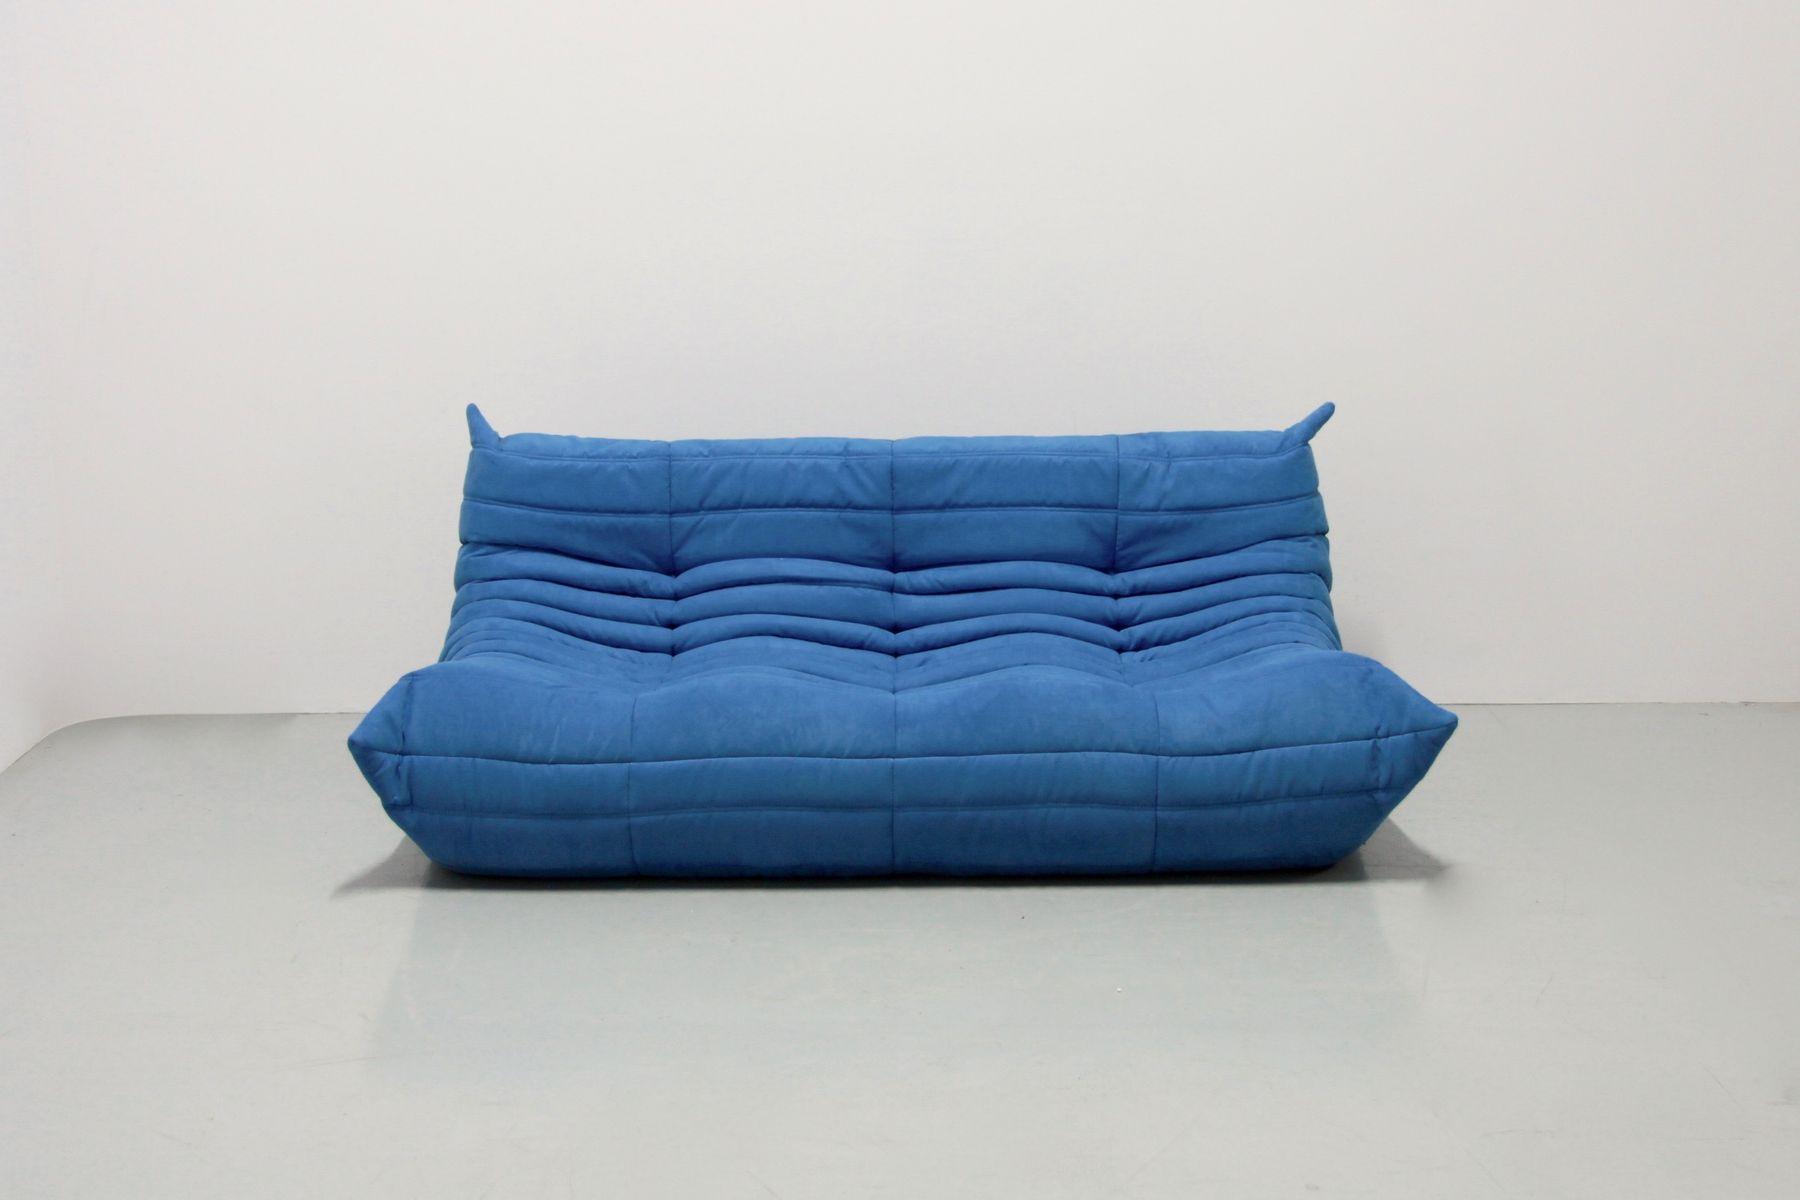 vintage turquoise togo set by michel ducaroy for ligne roset for sale at pamono. Black Bedroom Furniture Sets. Home Design Ideas